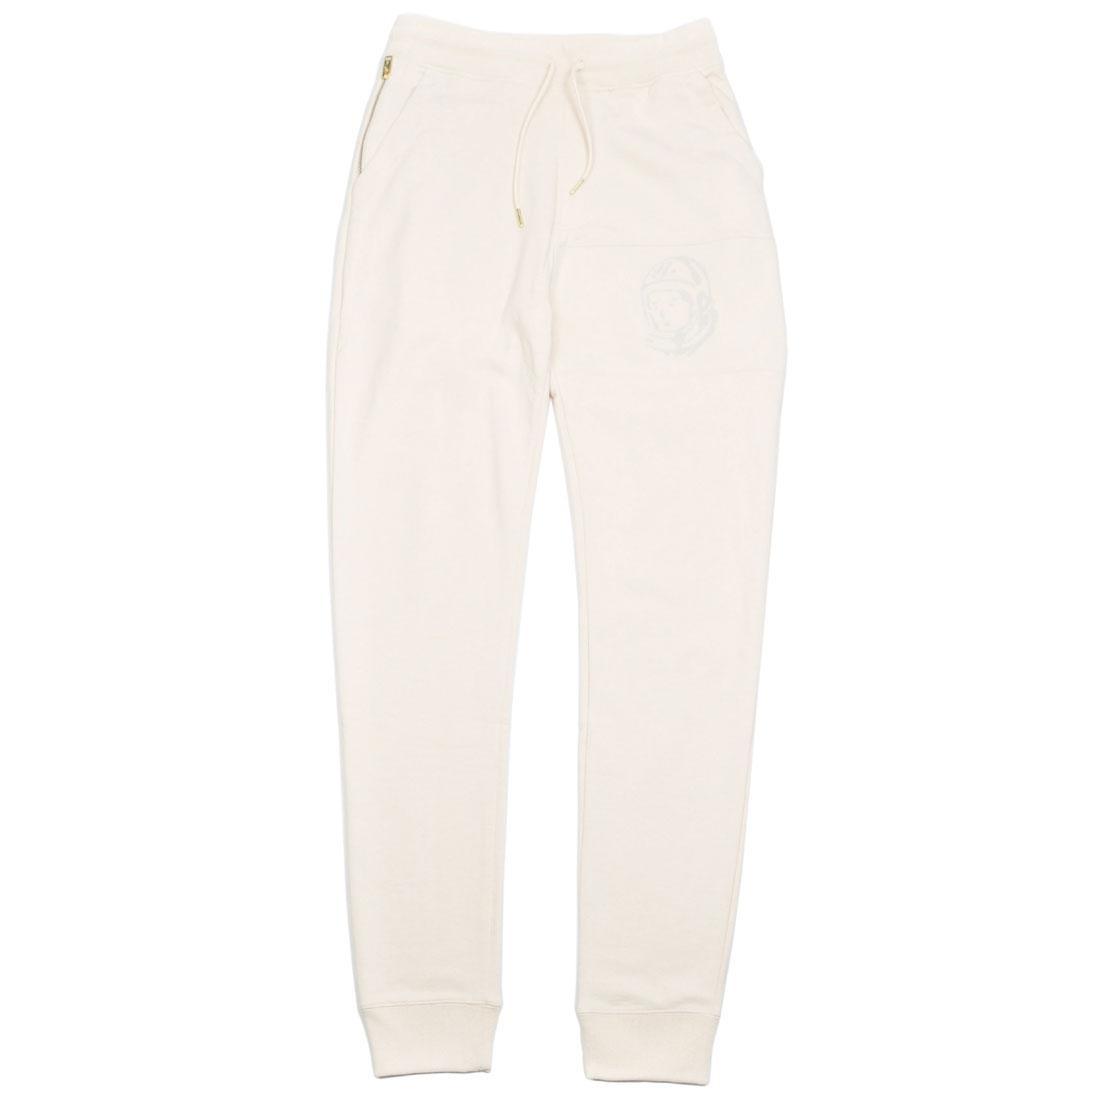 【海外限定】クラブ メンズファッション パンツ 【 BILLIONAIRE BOYS CLUB MEN WALKERS JOGGER PANTS SAND ANGORA 】